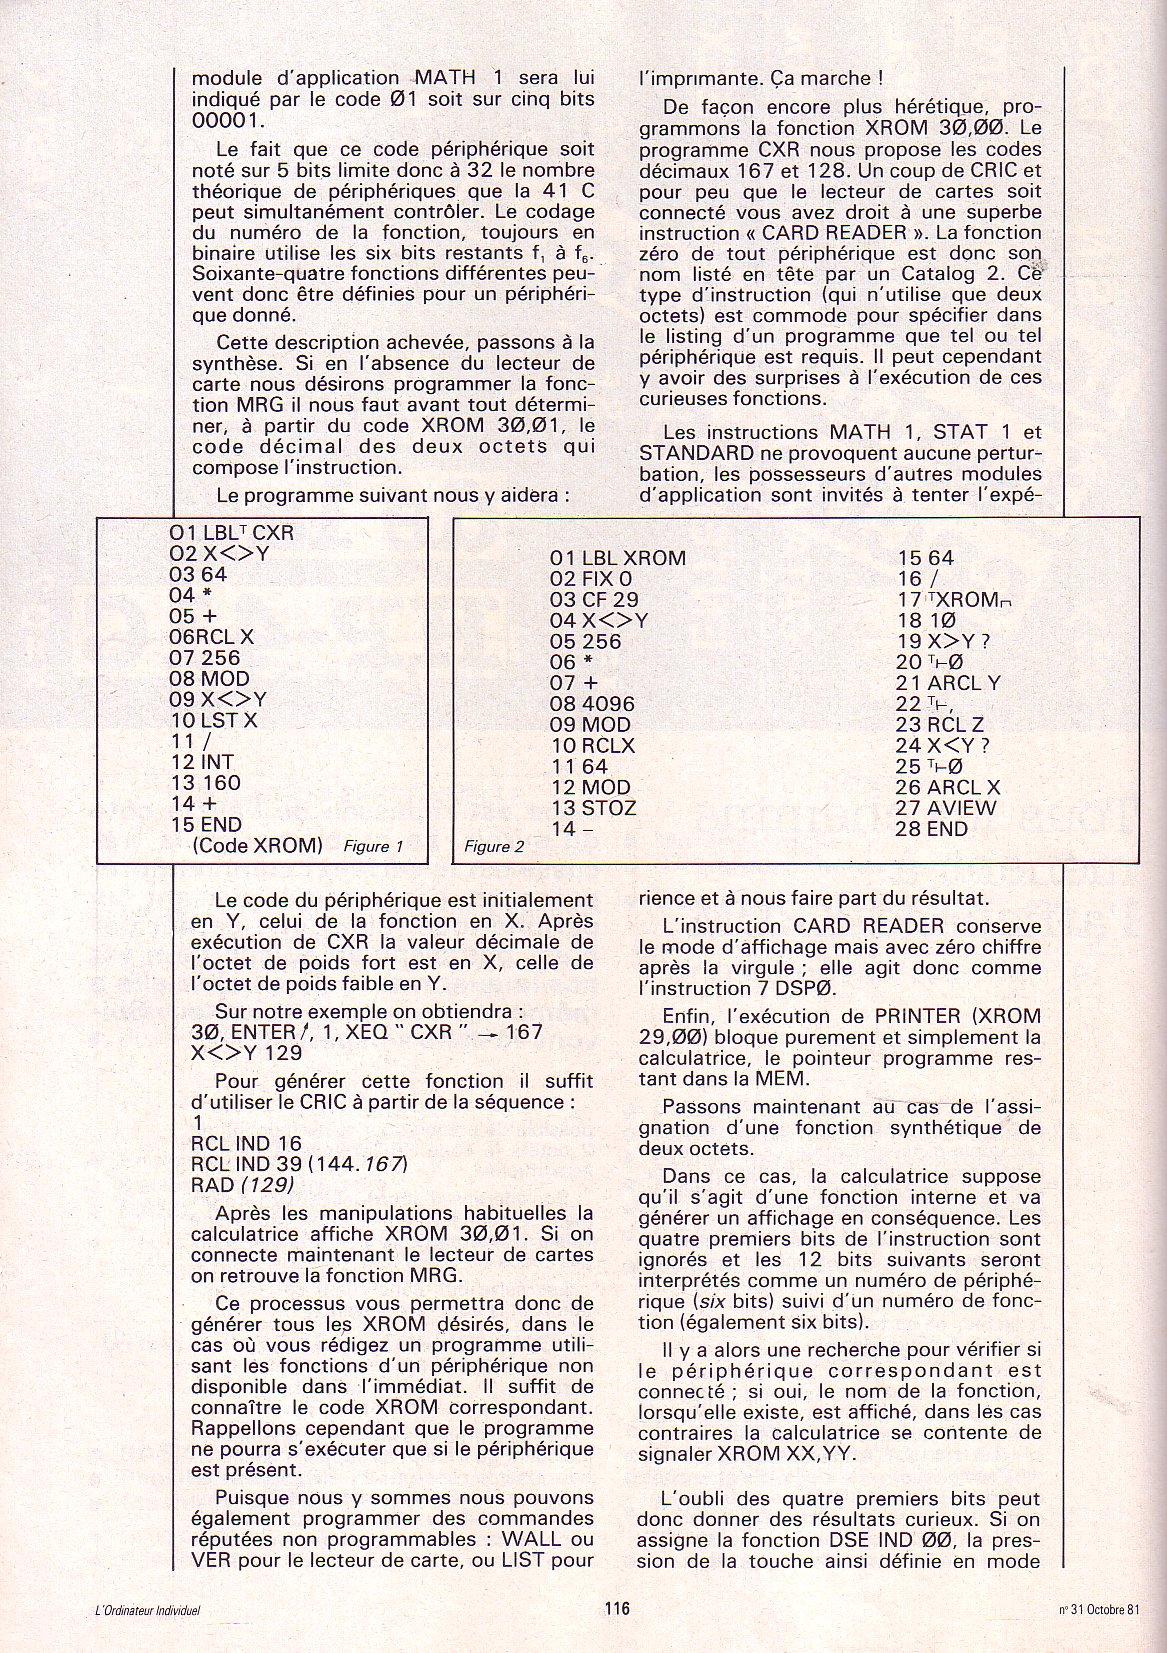 Les instructions cachées de la HP 41C